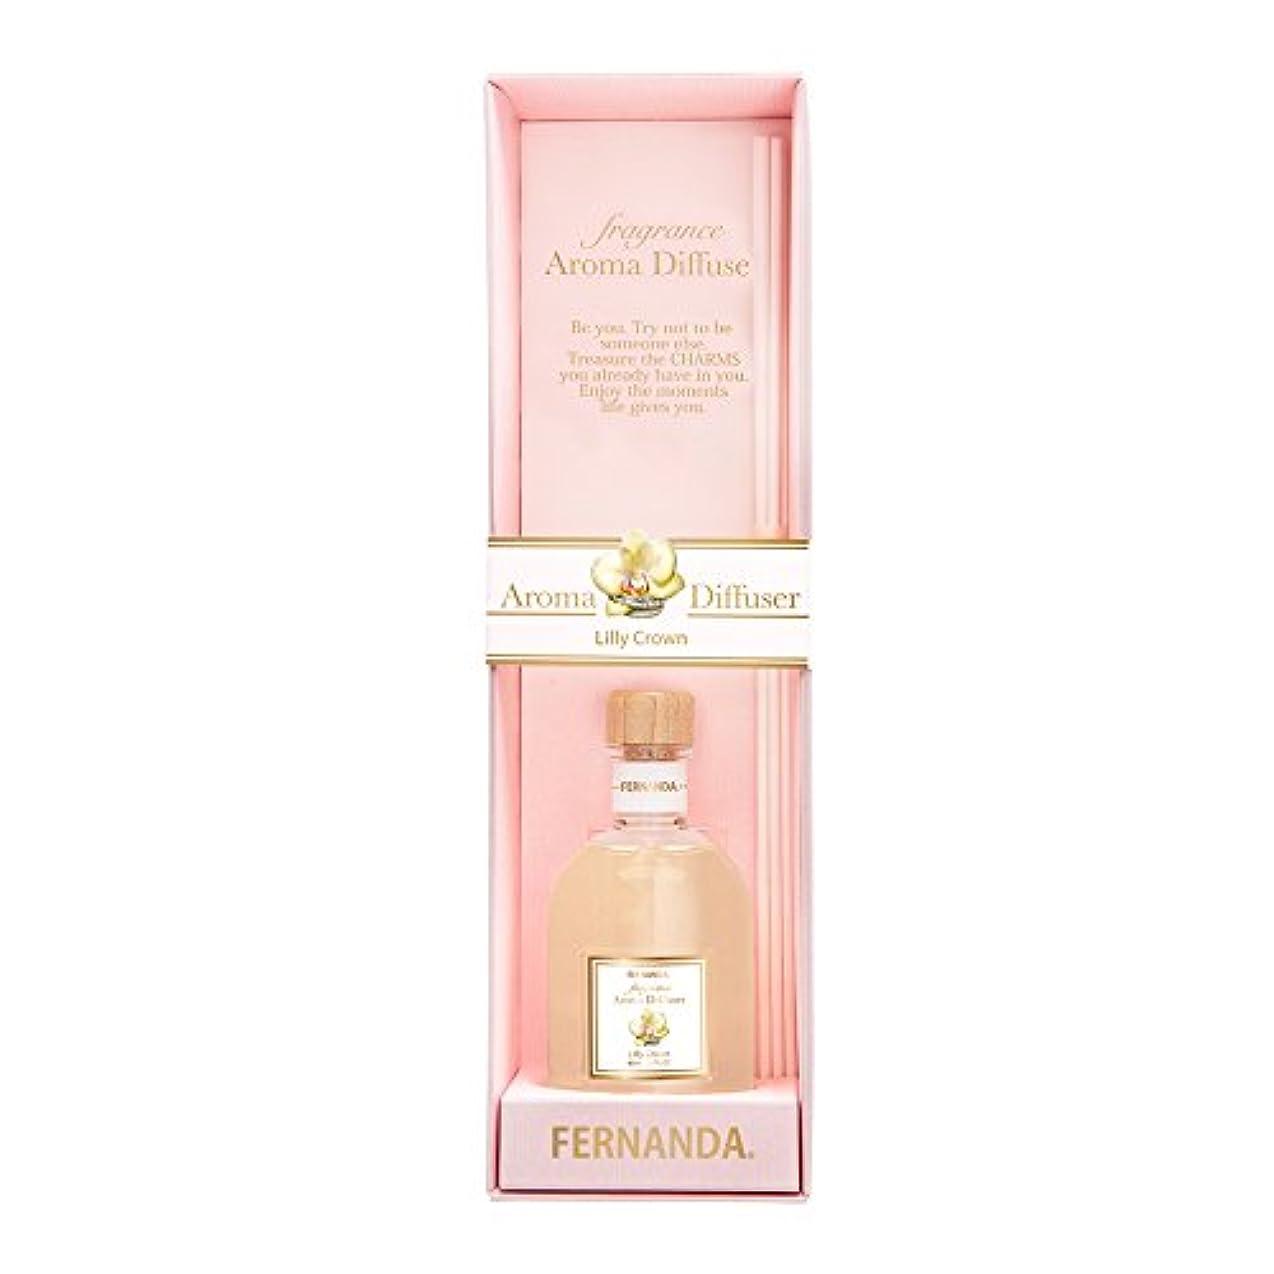 限界構成俳句FERNANDA(フェルナンダ) Fragrance Aroma Diffuser Lilly Crown (アロマディフューザー リリークラウン)